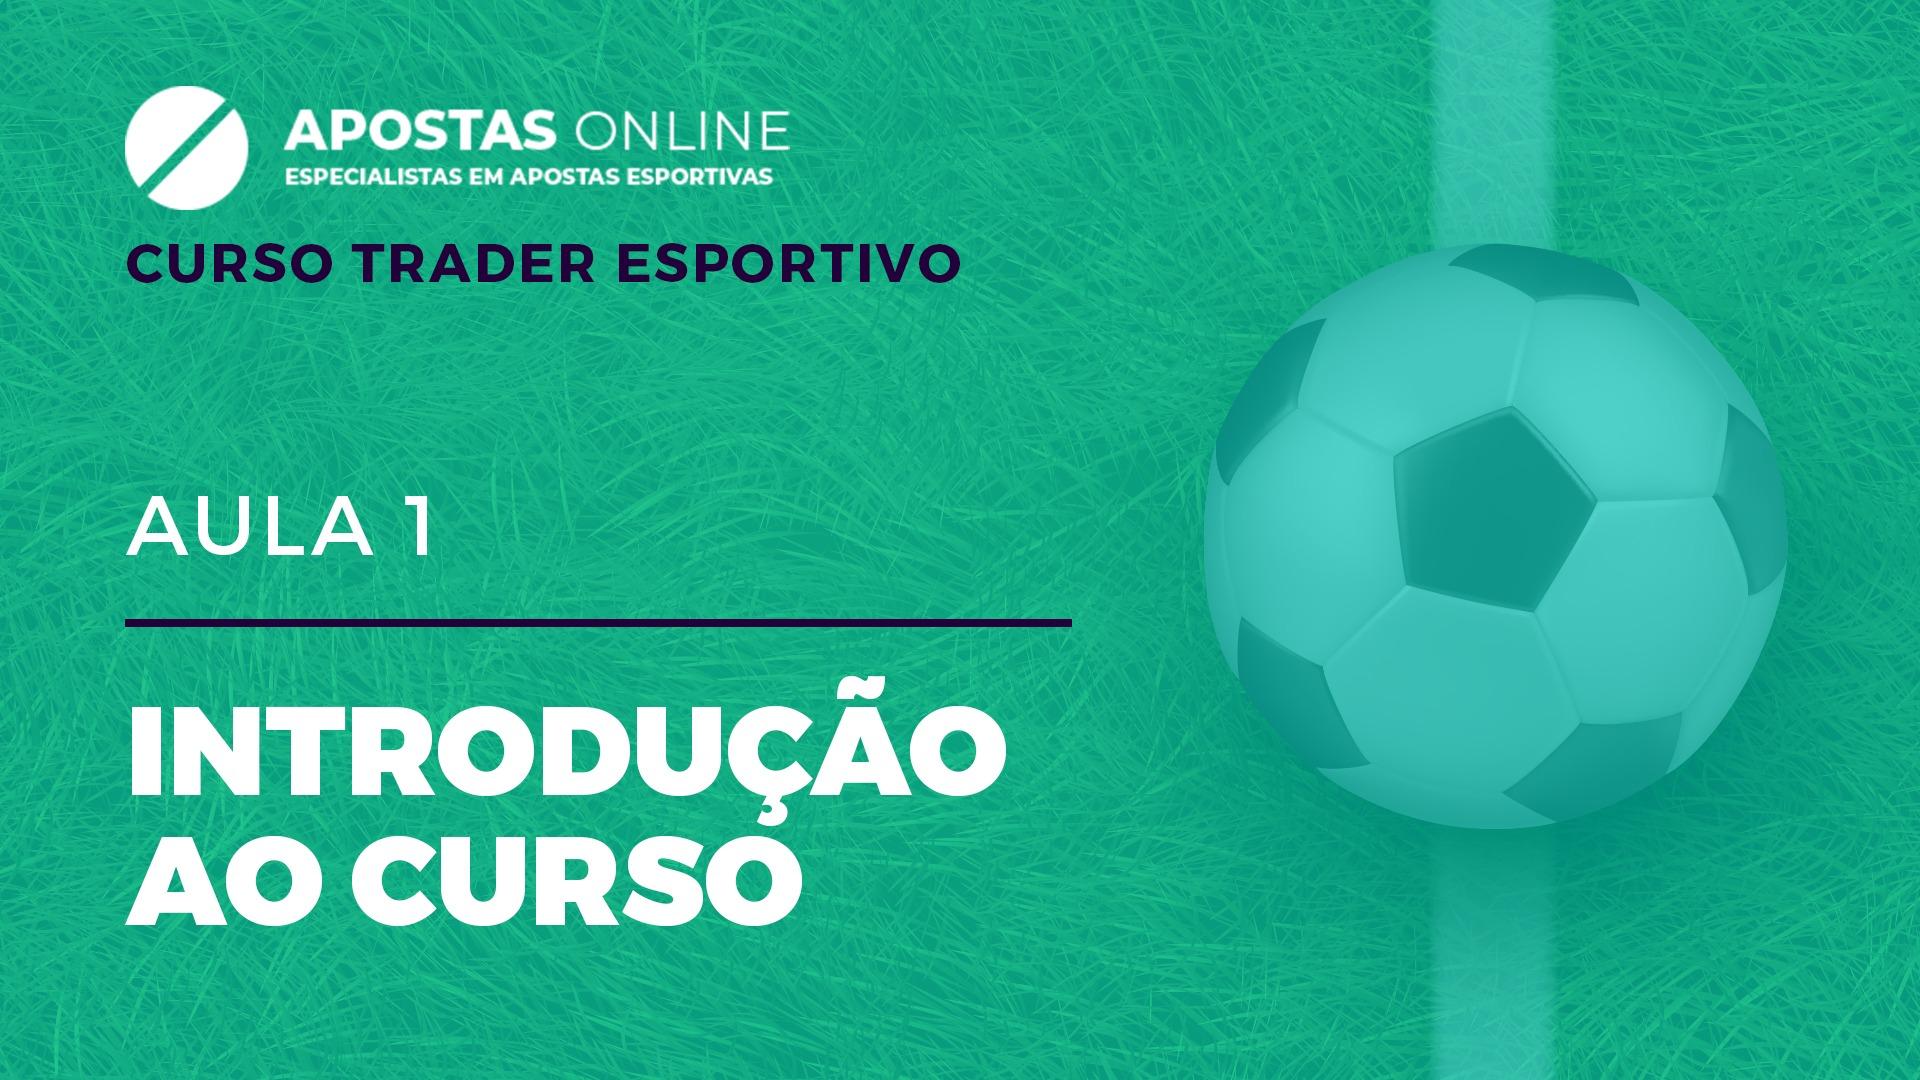 Curso Trader Esportivo: Apresentação | Aula 1